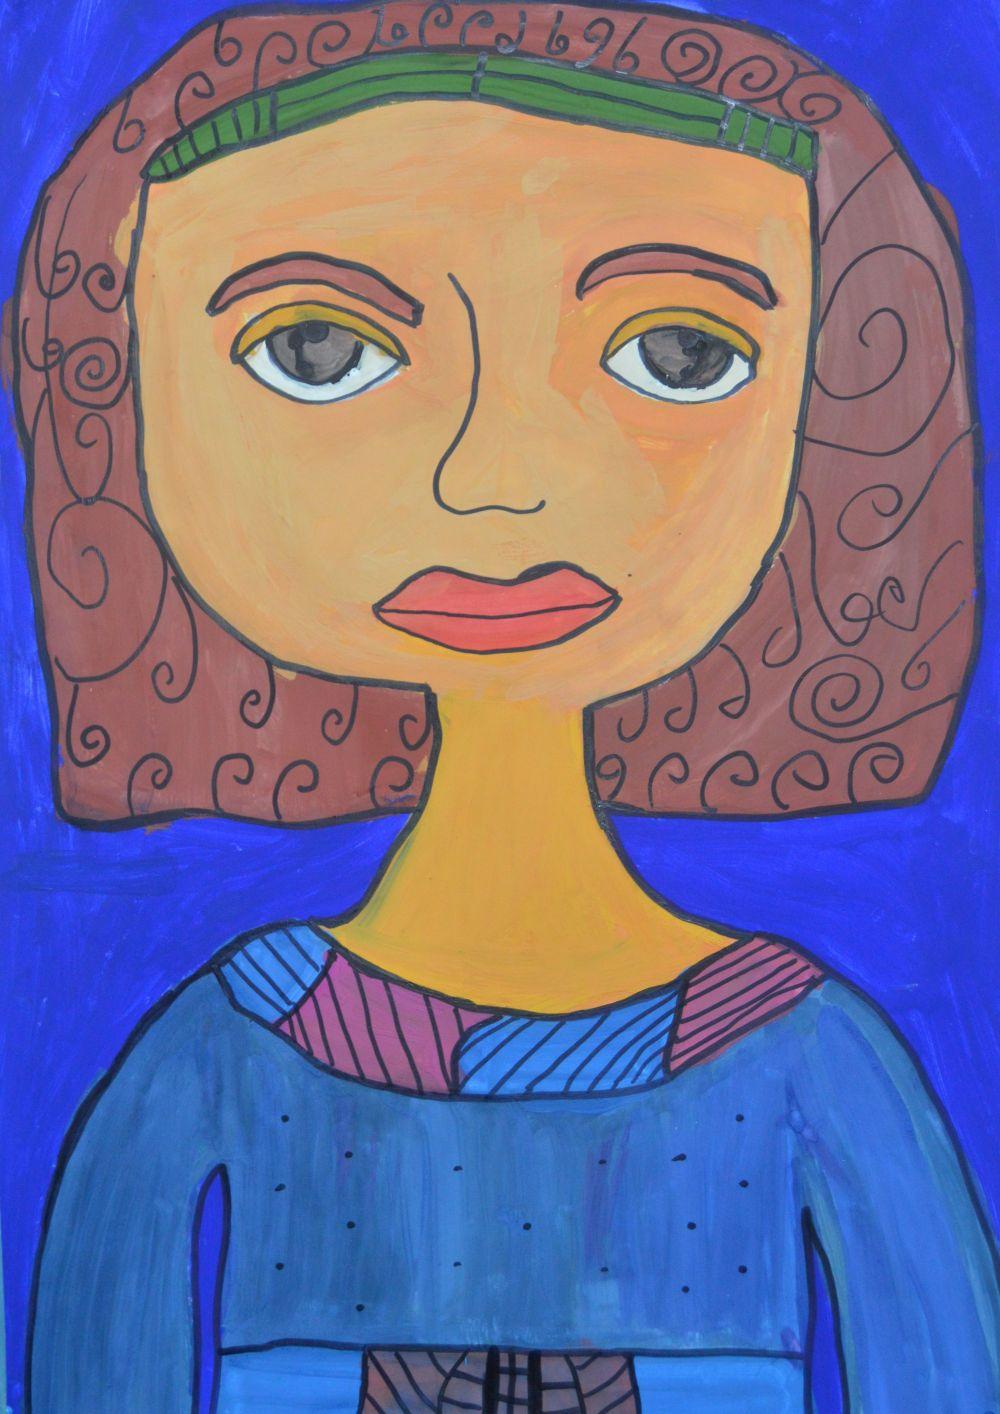 Участник №38.«Мою маму зовут Анастасия. Она красивая как Мона Лиза. У нее такие же выразительные глаза и милая улыбка».